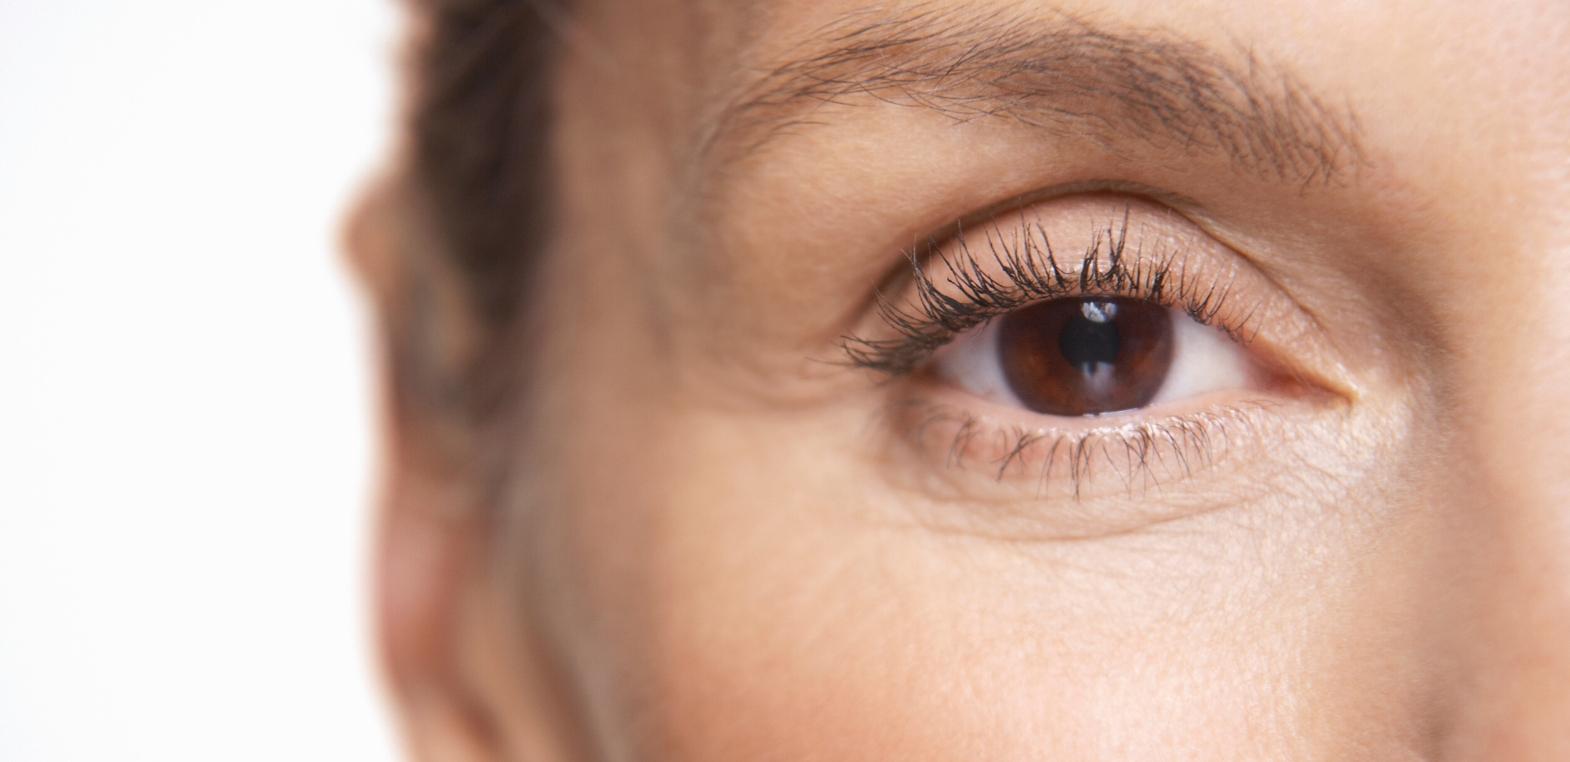 Zmarszczki wokół oczu. Co robić aby maksymalnie opóźnić ich pojawienie się na twarzy